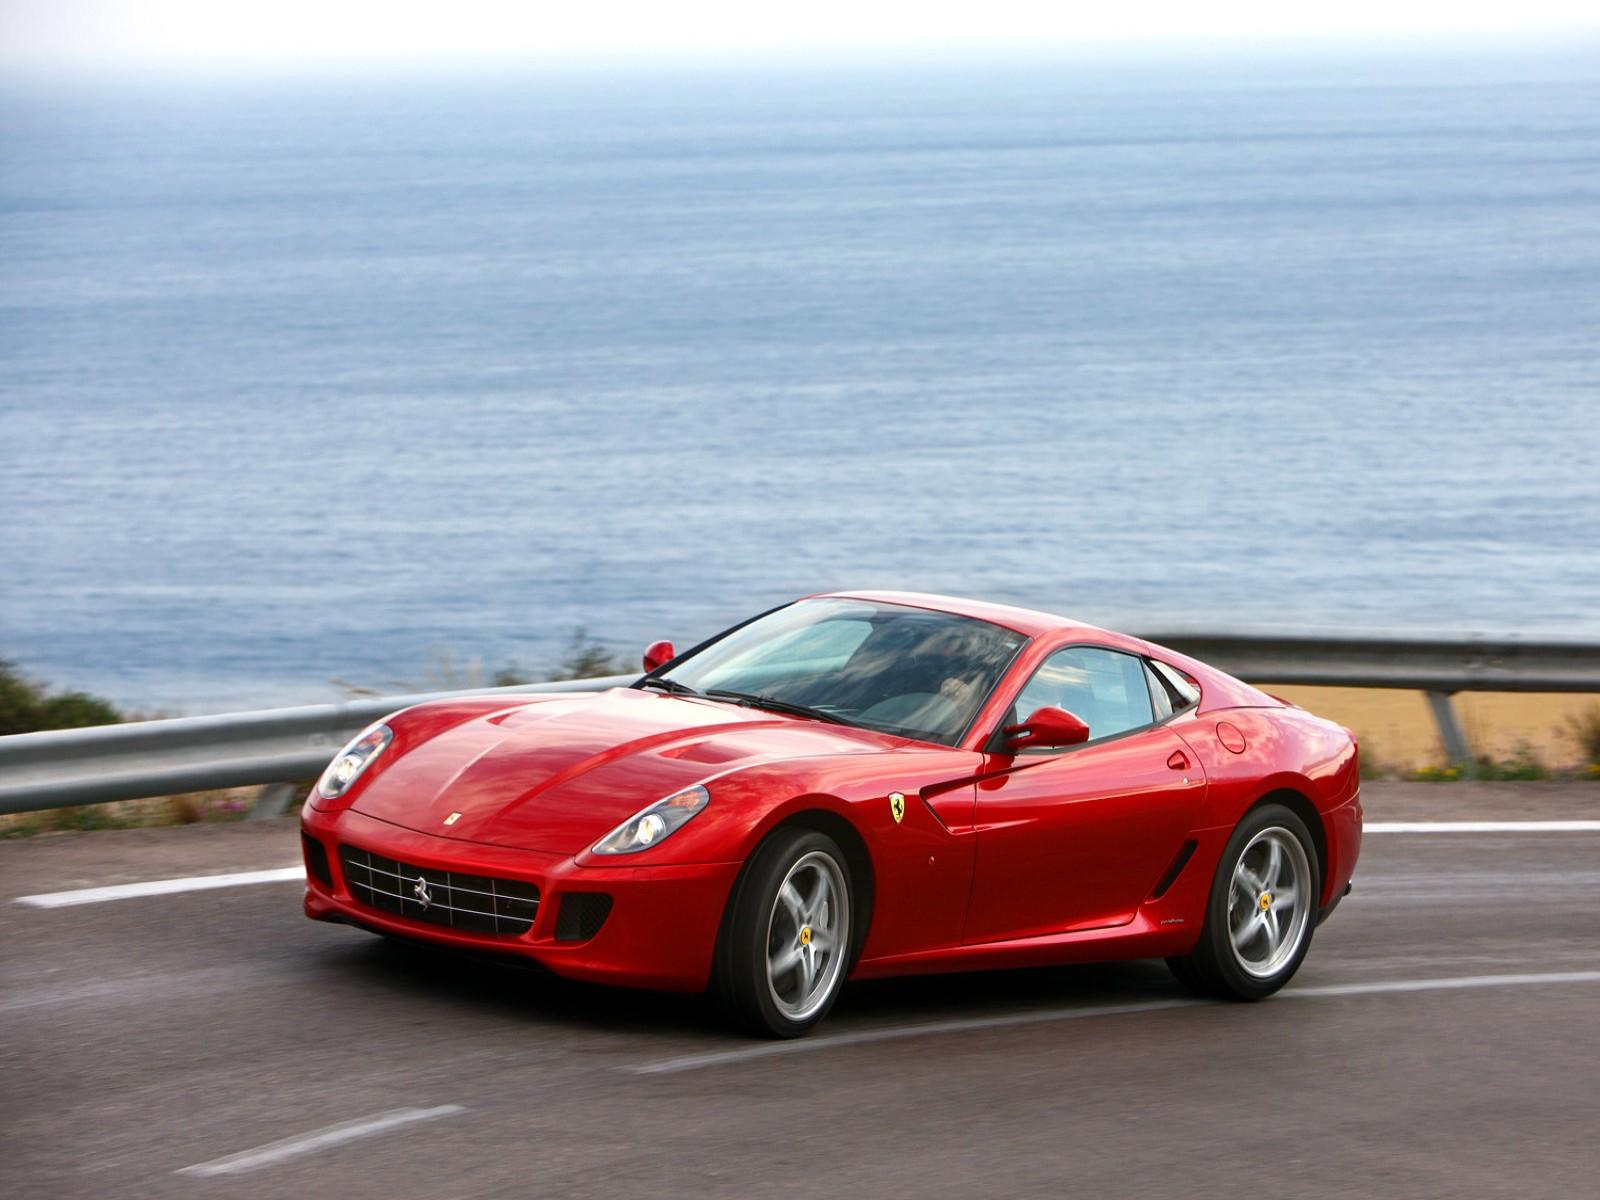 http://2.bp.blogspot.com/-1Oj1netmUQ0/TgMsdqA79SI/AAAAAAAADEA/BN01UhMAx5k/s1600/Ferrari+599+GTB+Fiorano+HGTE+2010+05.jpg